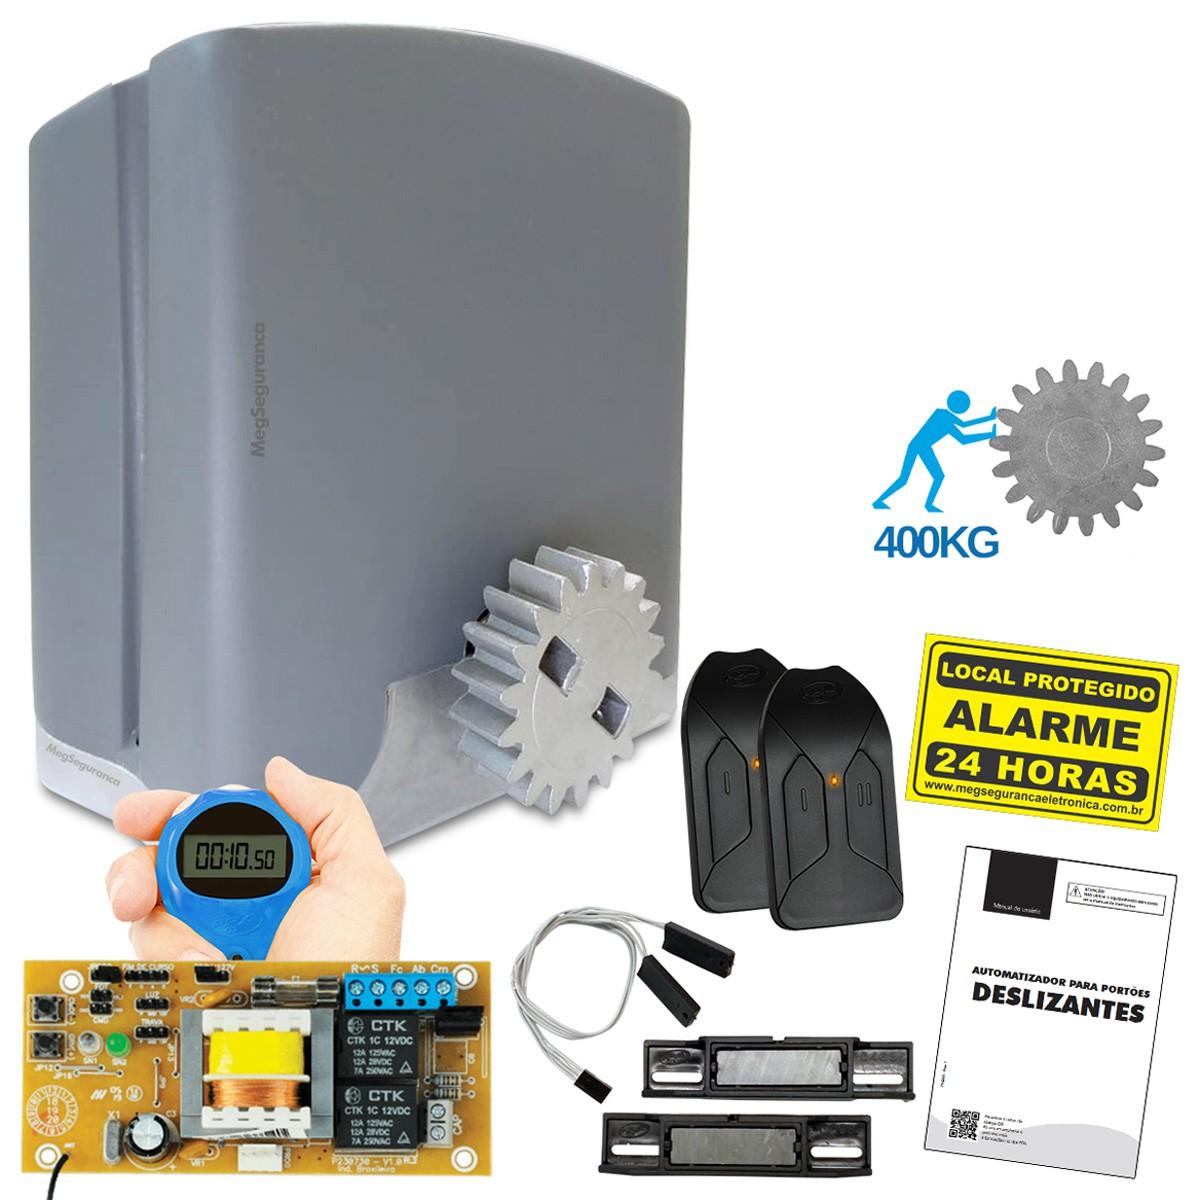 Kit 1 Motor PPA DZ Rio KL 2 Controles Portão Eletrônico 400kg